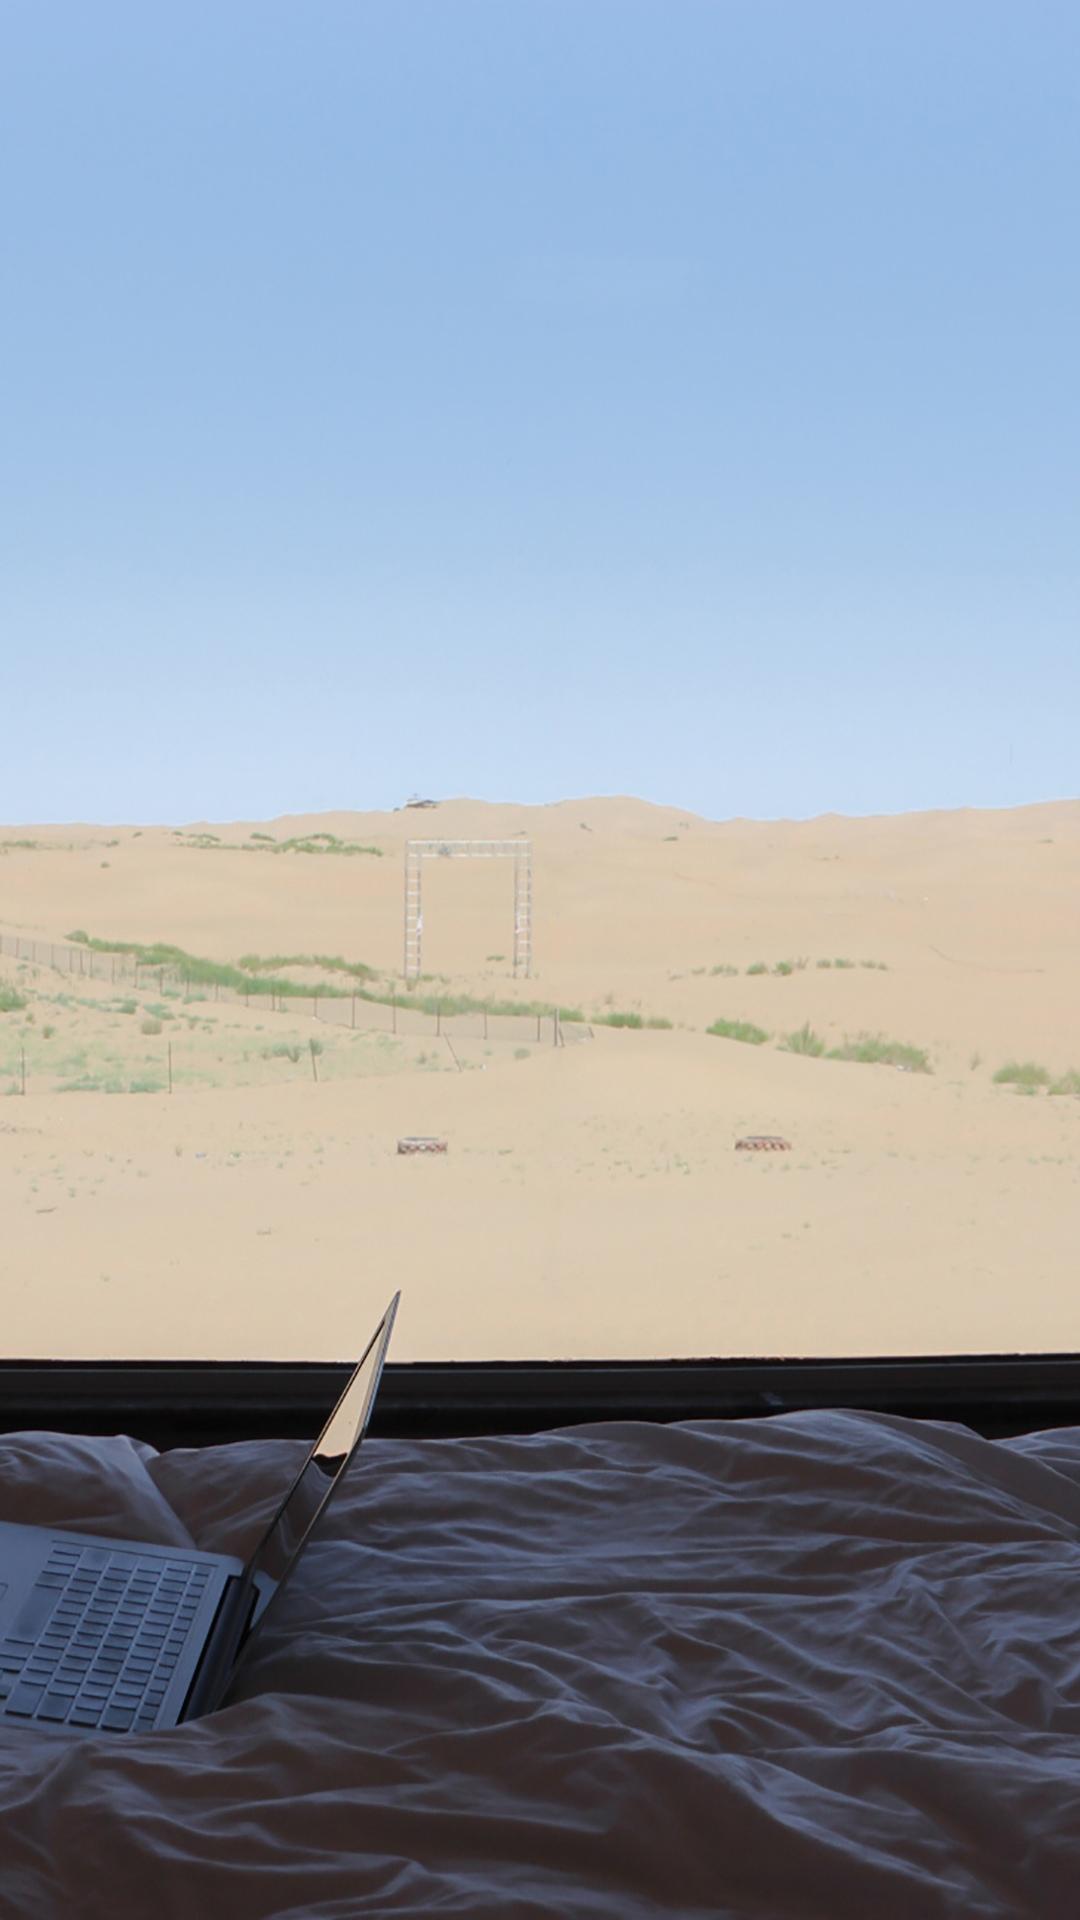 一望无际的沙漠风光唯美壁纸图片